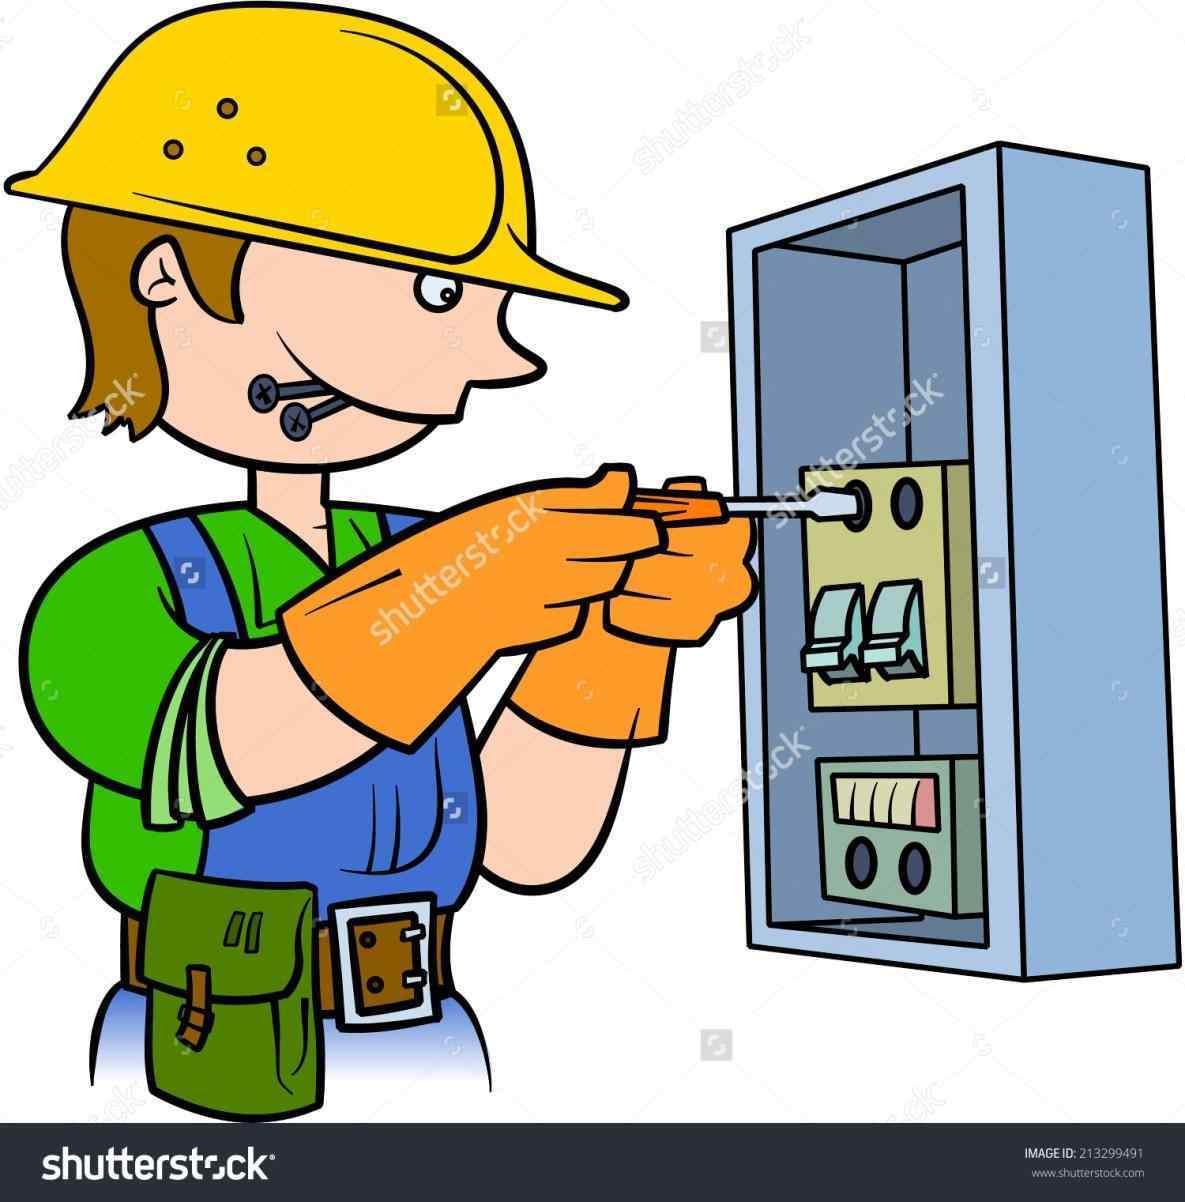 Báo giá sửa điện nước, thi công điện nước 2019 cập nhật 1/1/2019